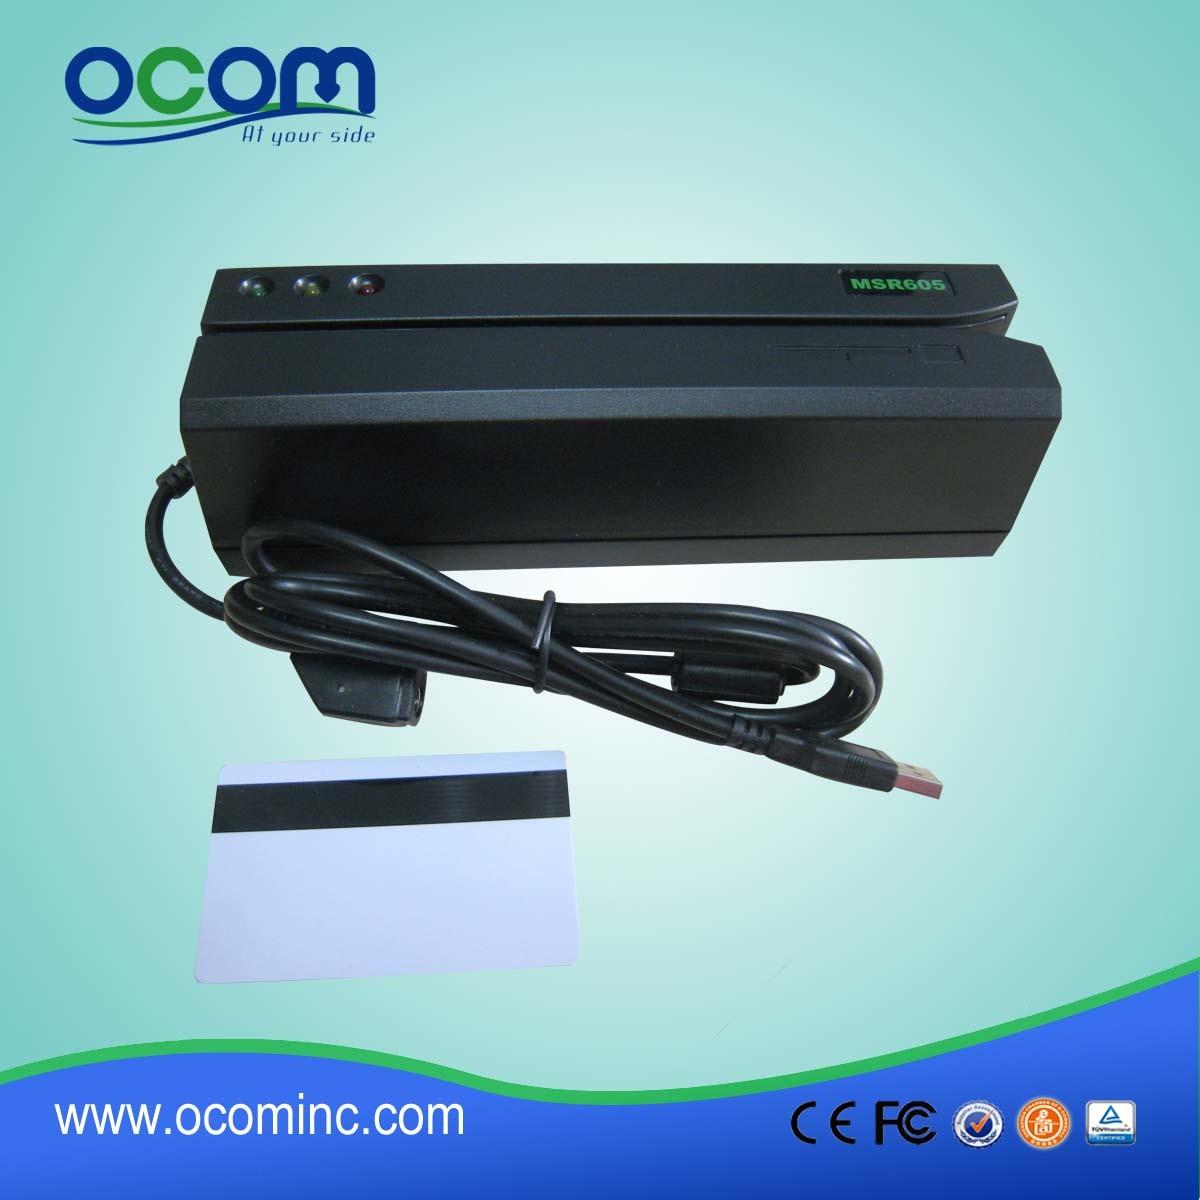 Msr605 RS-232 USB Msr Magnetic Card Reader & Writer